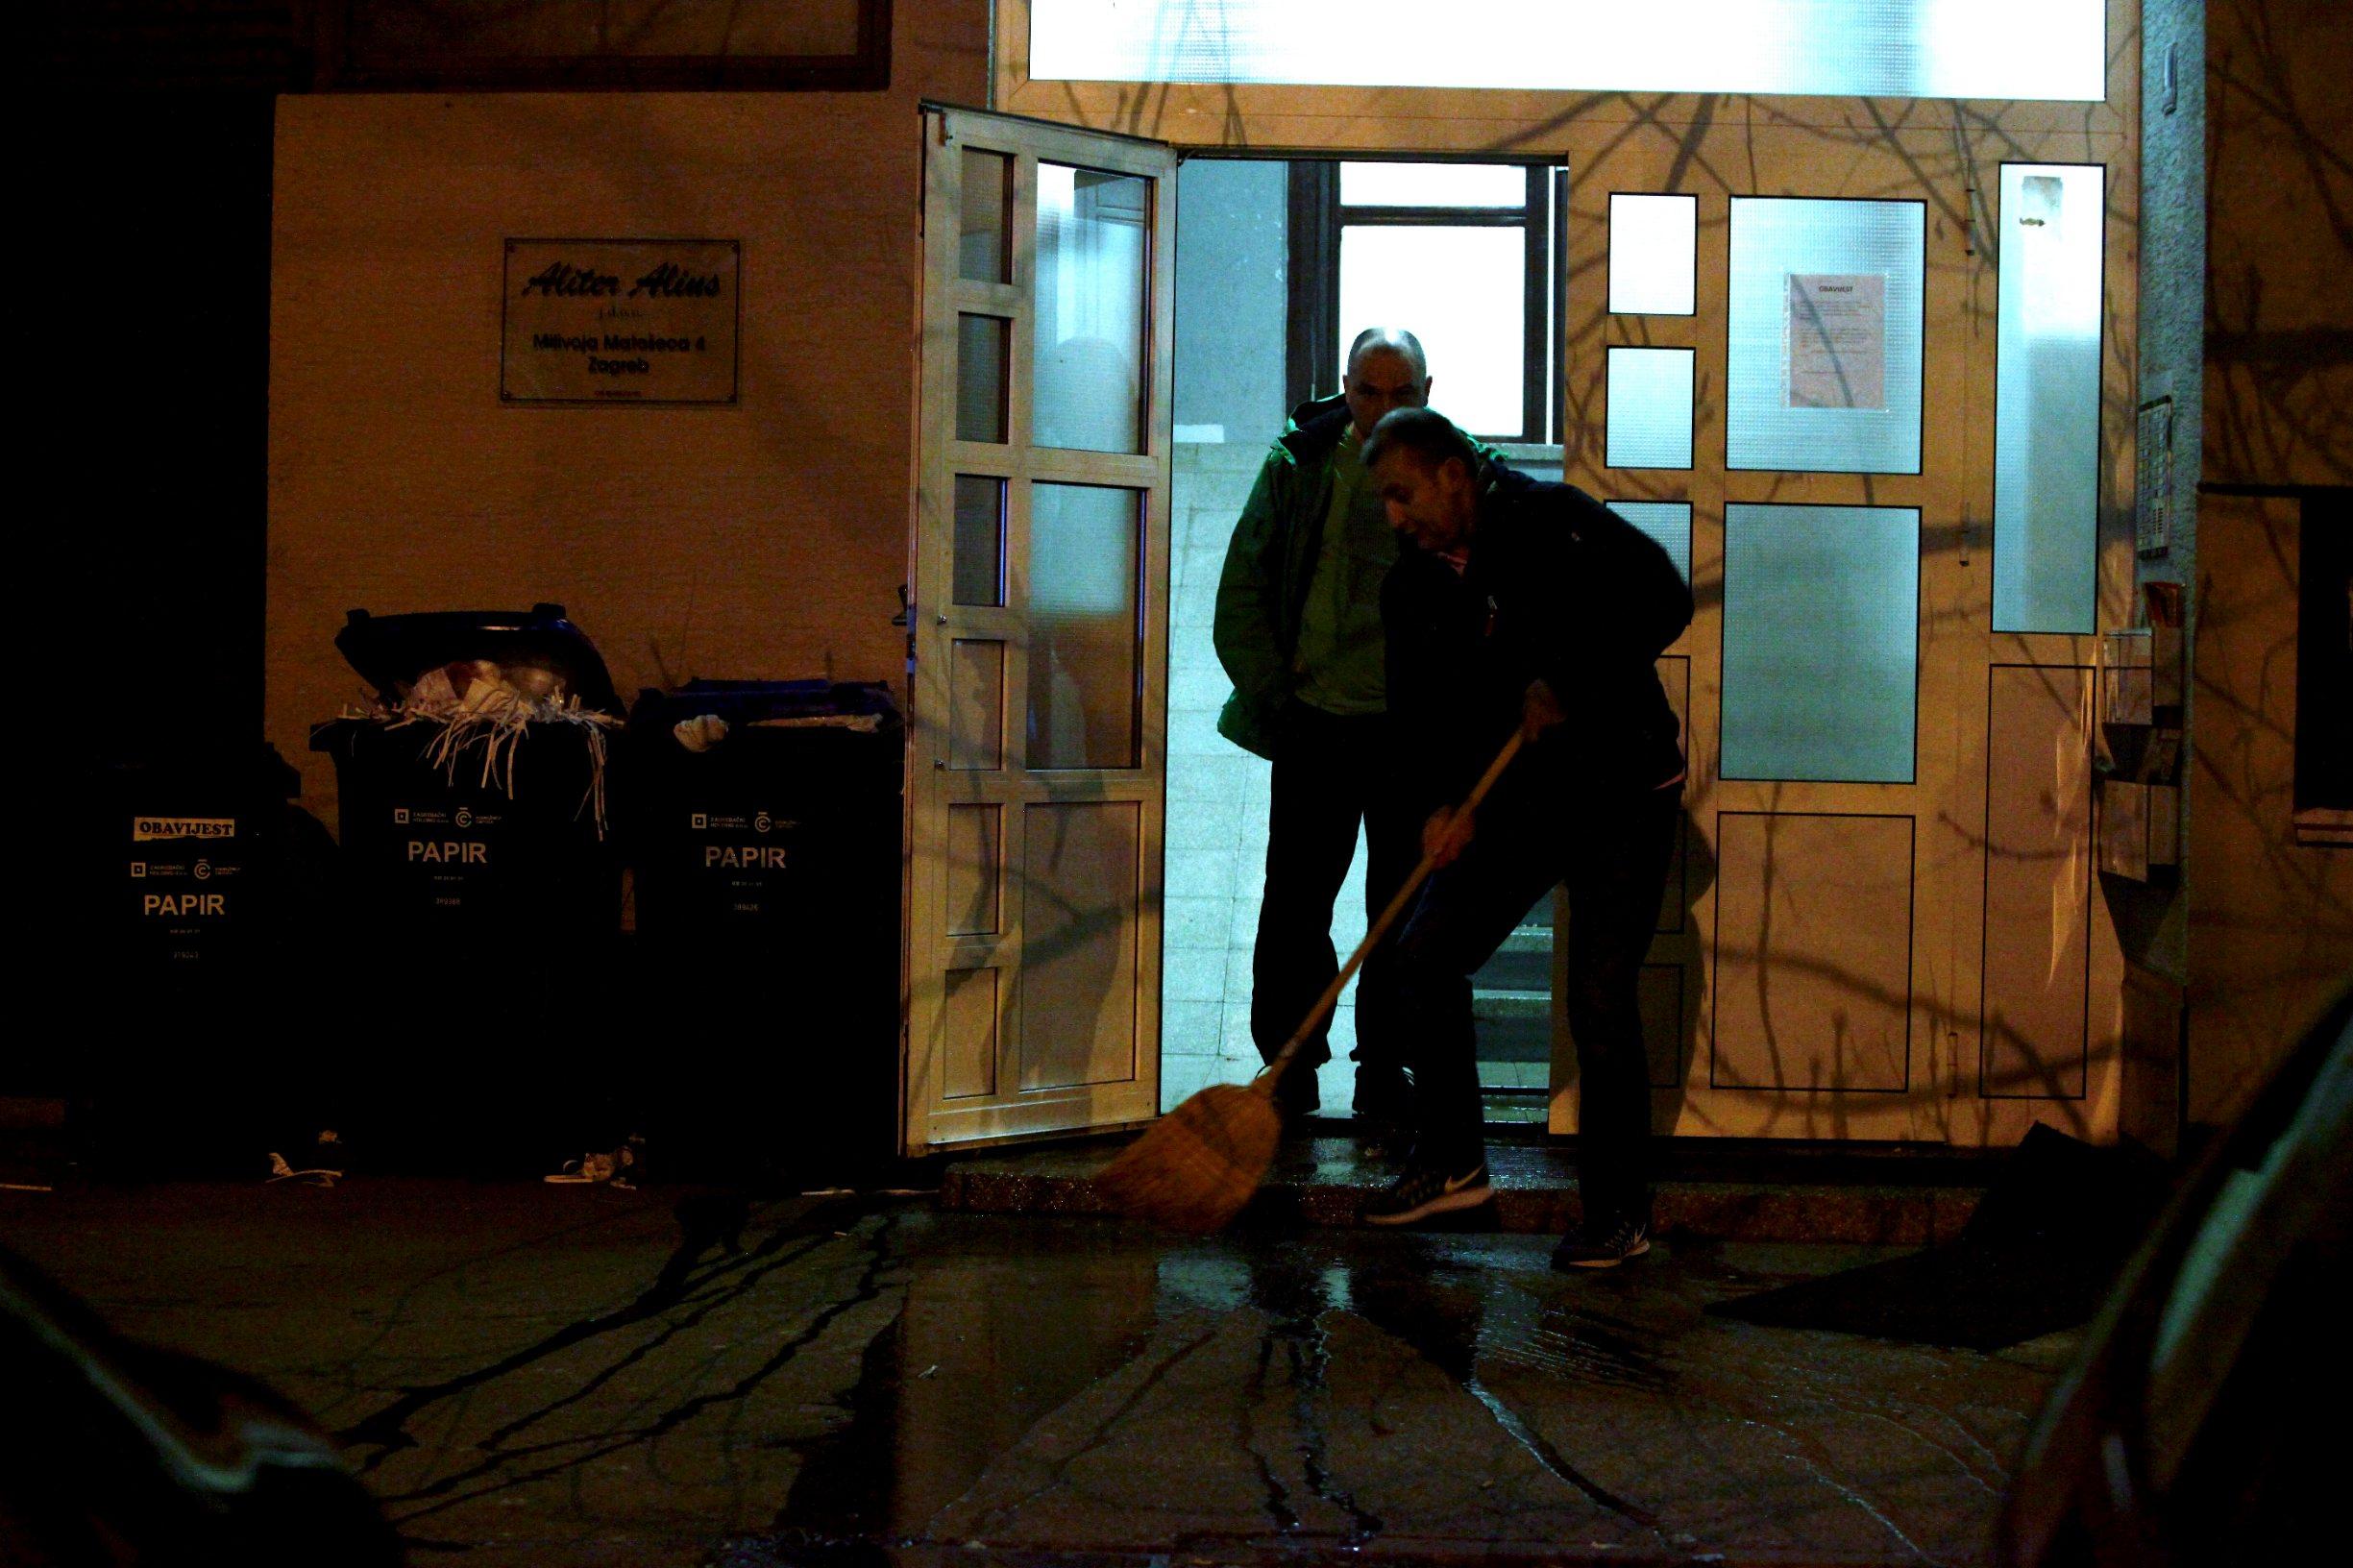 Zagreb, 030120. Ulica Milivoja Matoseca. Danas je u poslijepodnevnim satima na Malesnici doslo do pucnjave u kojoj je jedna osoba ozlijedjena te joj se pruza lijecnicka pomoc. Trenutno je u tijeku policijski ocevid. Foto: Zeljko Puhovski / CROPIX